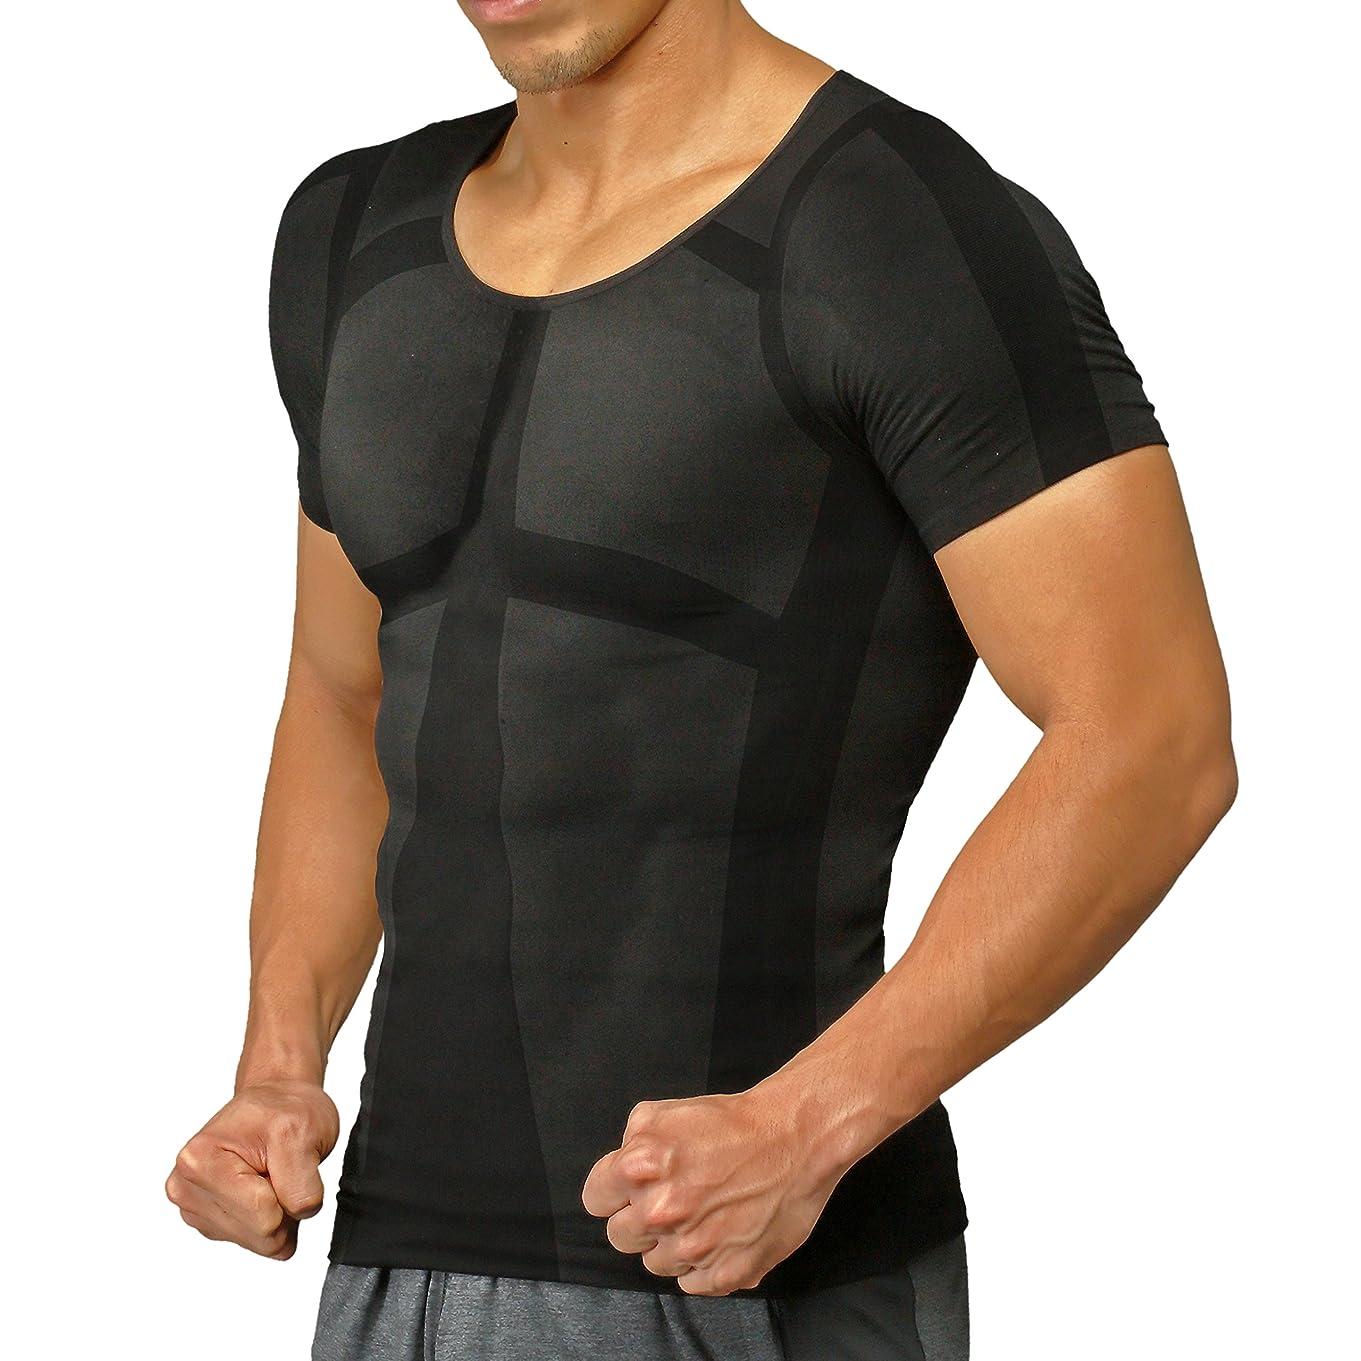 安定音楽を聴く作家加圧シャツ ヒロミプロデュース パンプマッスルビルダーTシャツ(Lサイズ/ブラック)